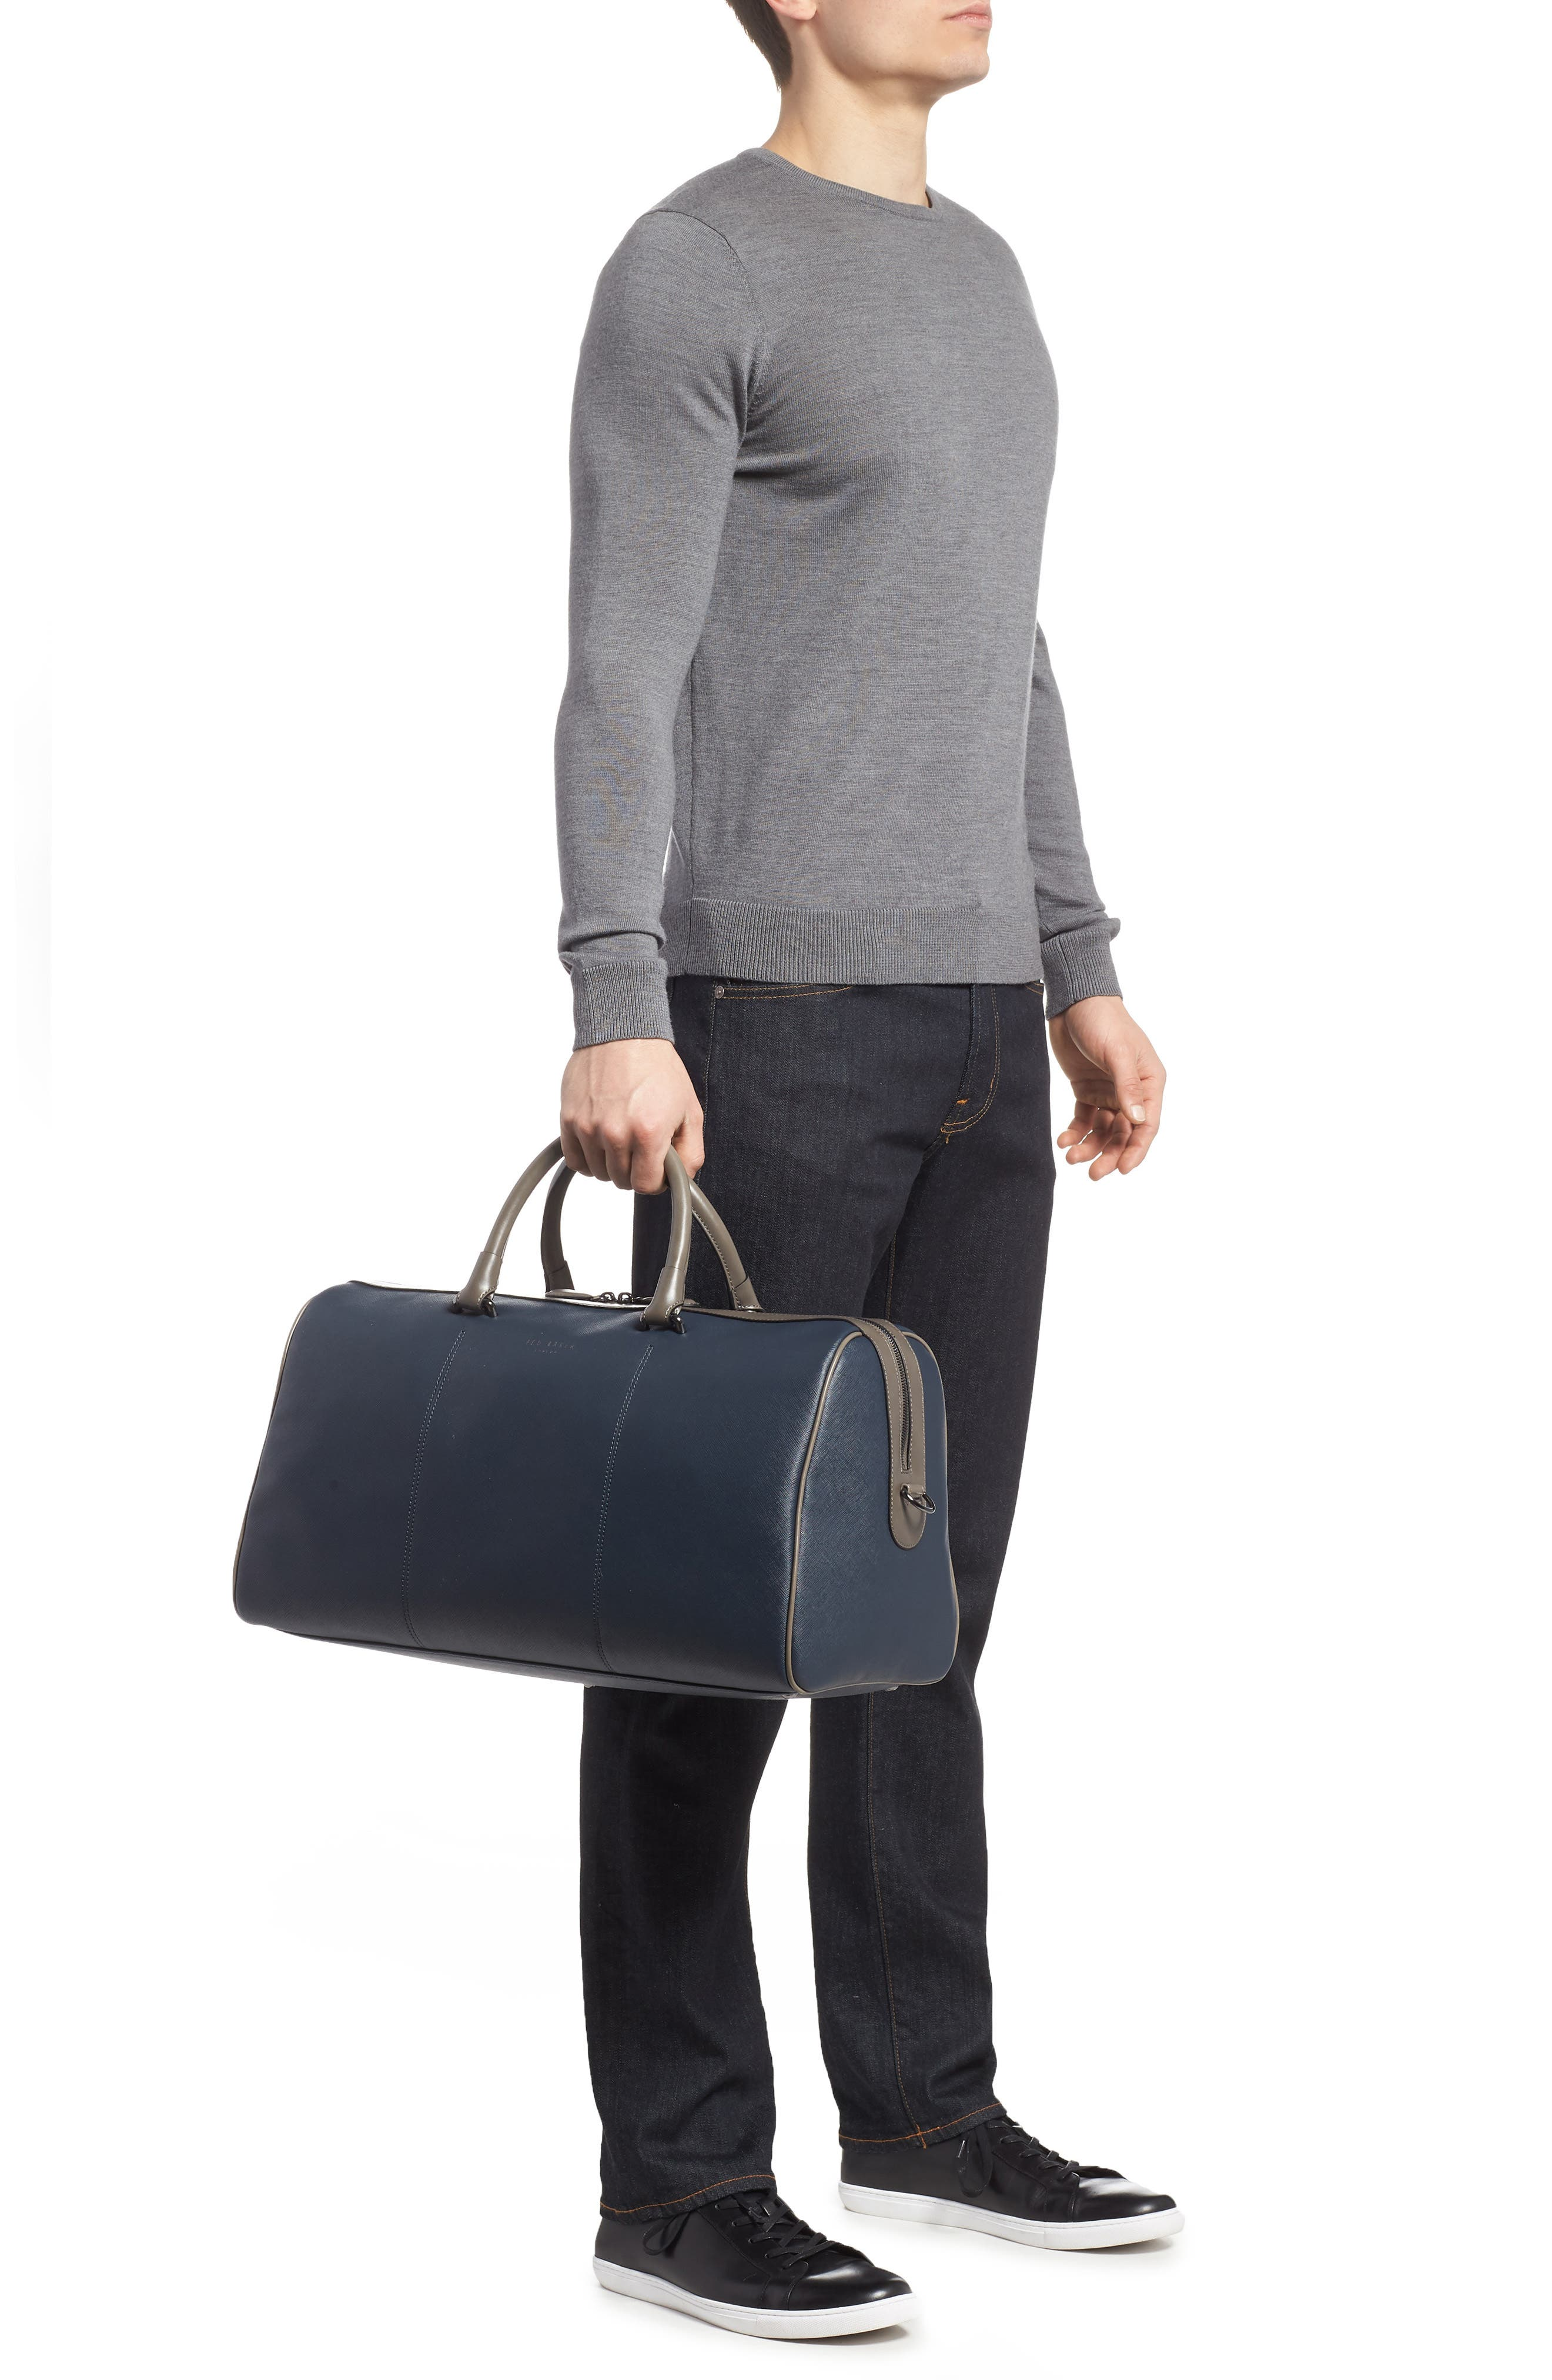 Haybail Crossgrain Holdall Duffel Bag,                             Alternate thumbnail 2, color,